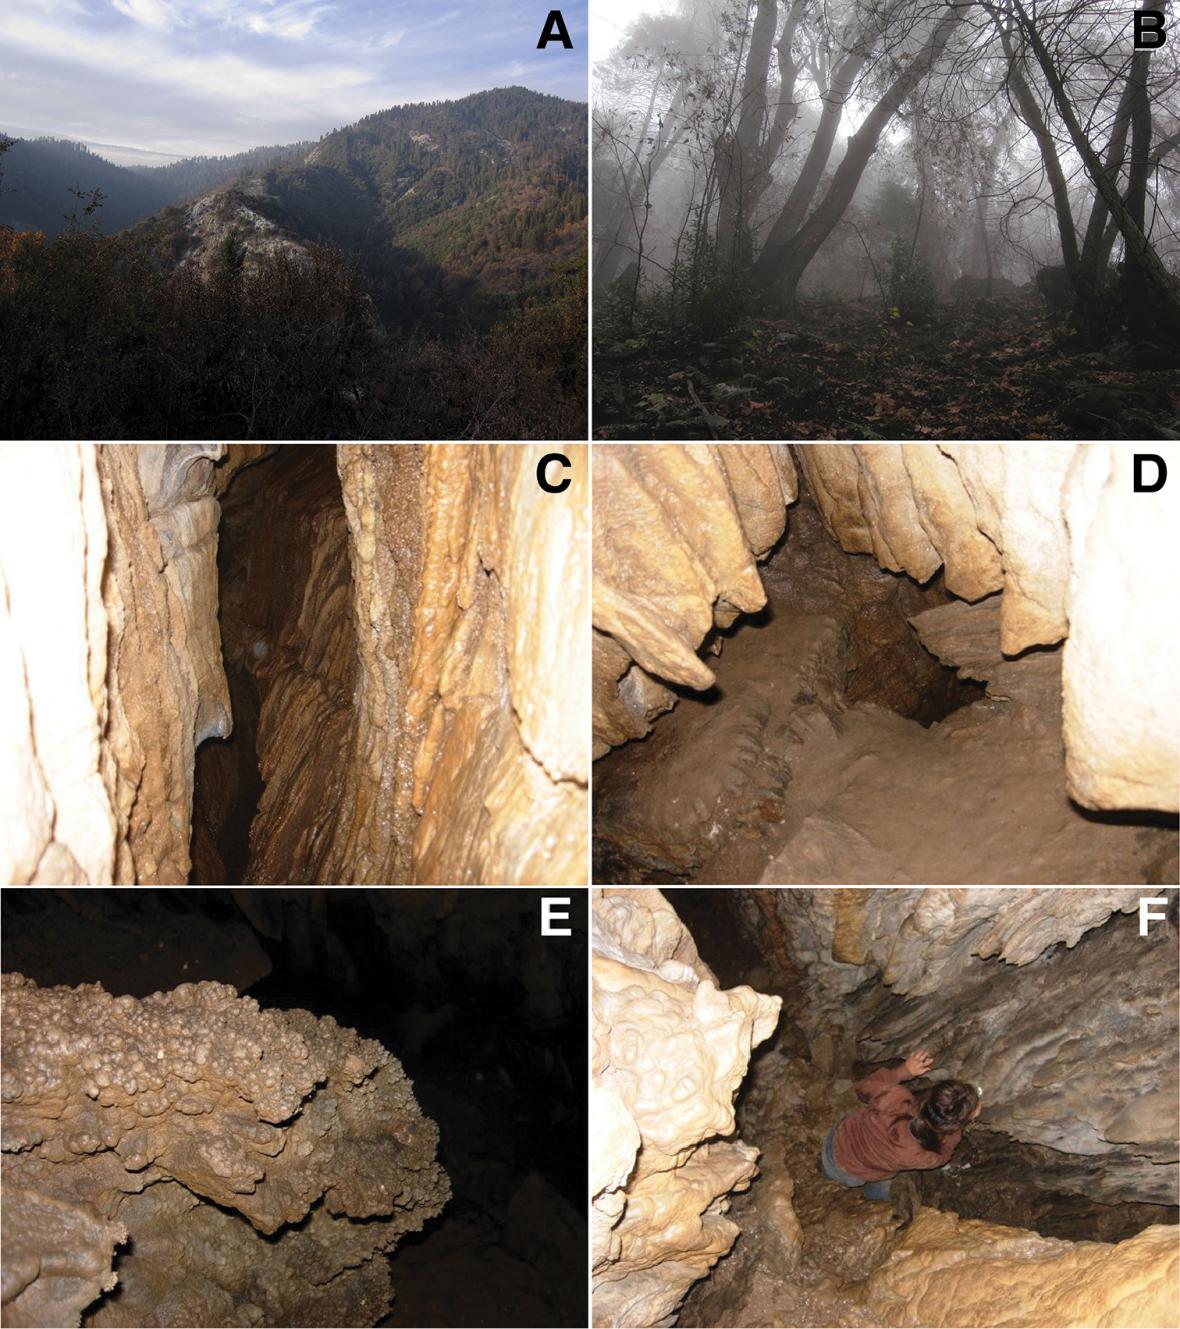 Jeskyně, kde byl nalezen nový druh mnohonožky